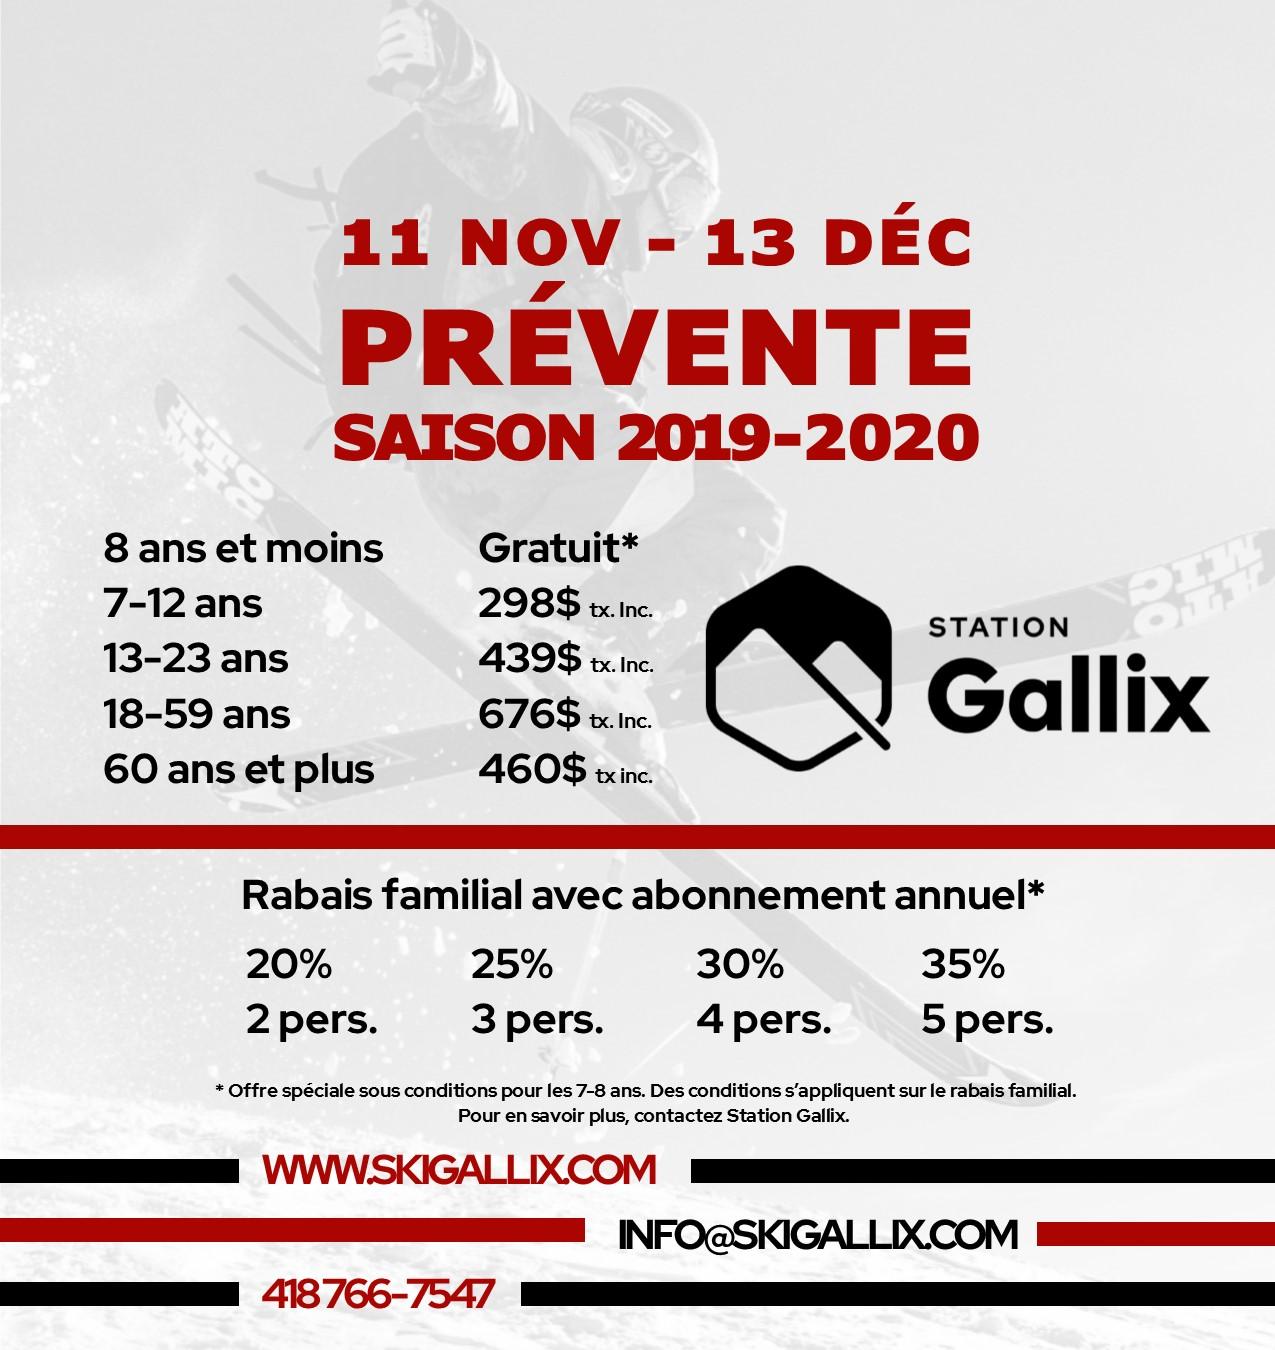 Prévente_2019-2020 VJul